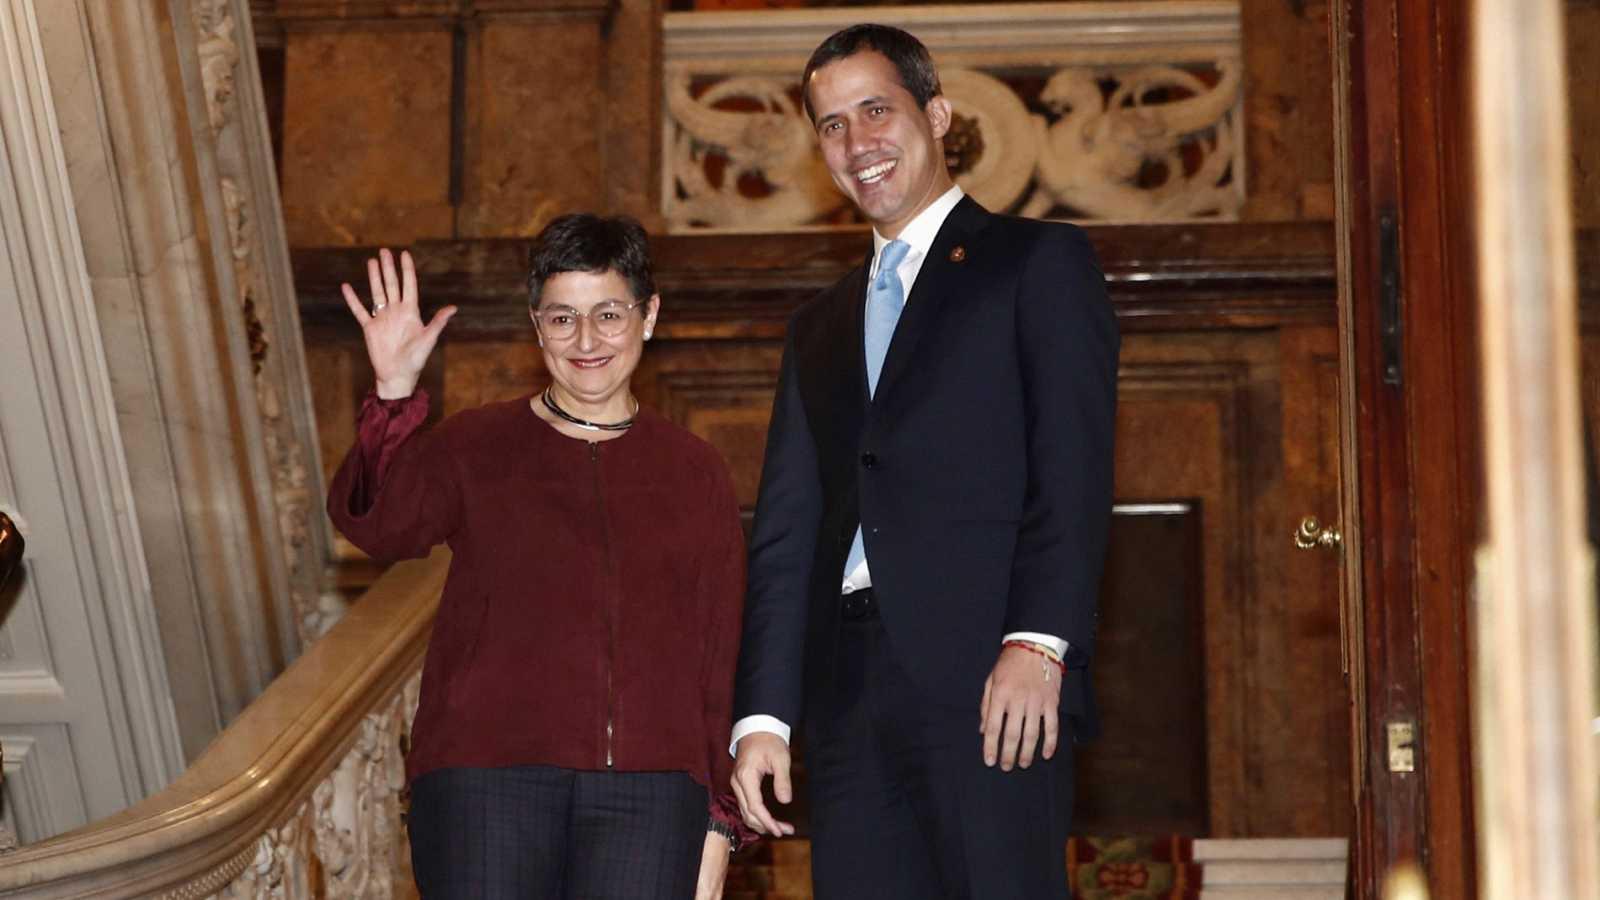 Exclusiva: Qué dijo la ministra de Exteriores a Guaidó sobre la polémica visita de Delcy Rodríguez